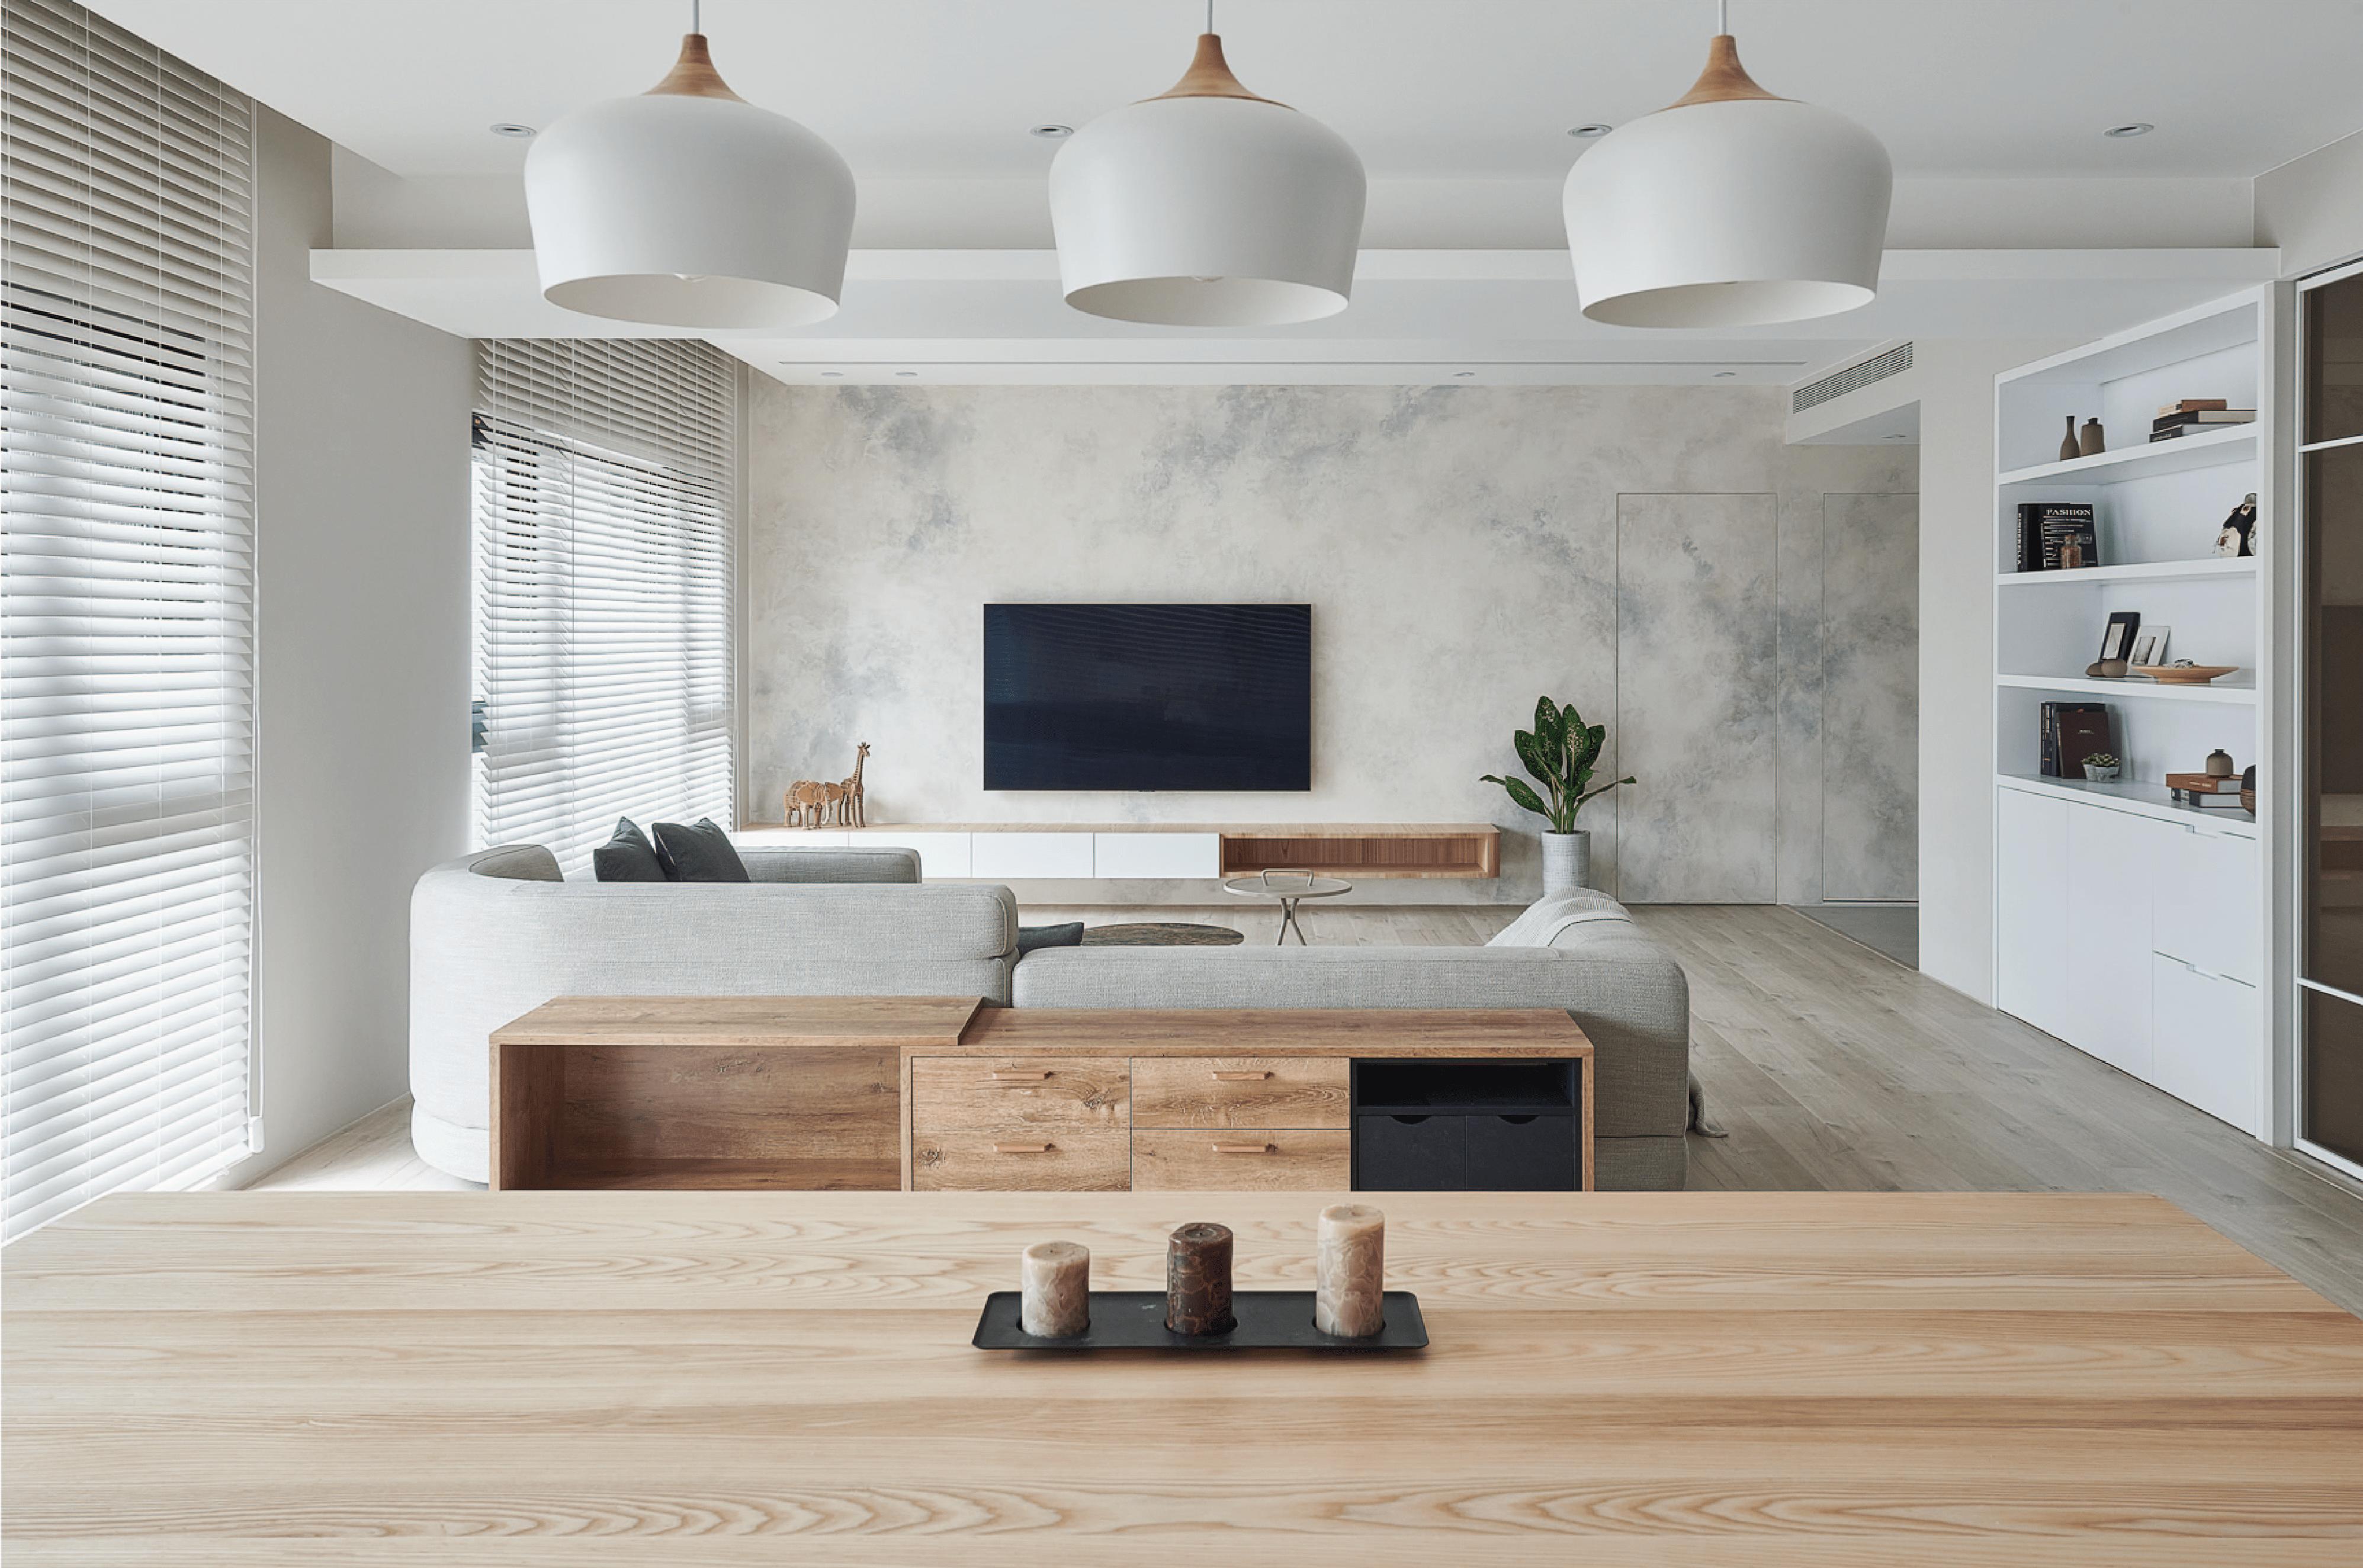 清新脫俗的北歐風格 | 浩室室內設計作品 | 淨區